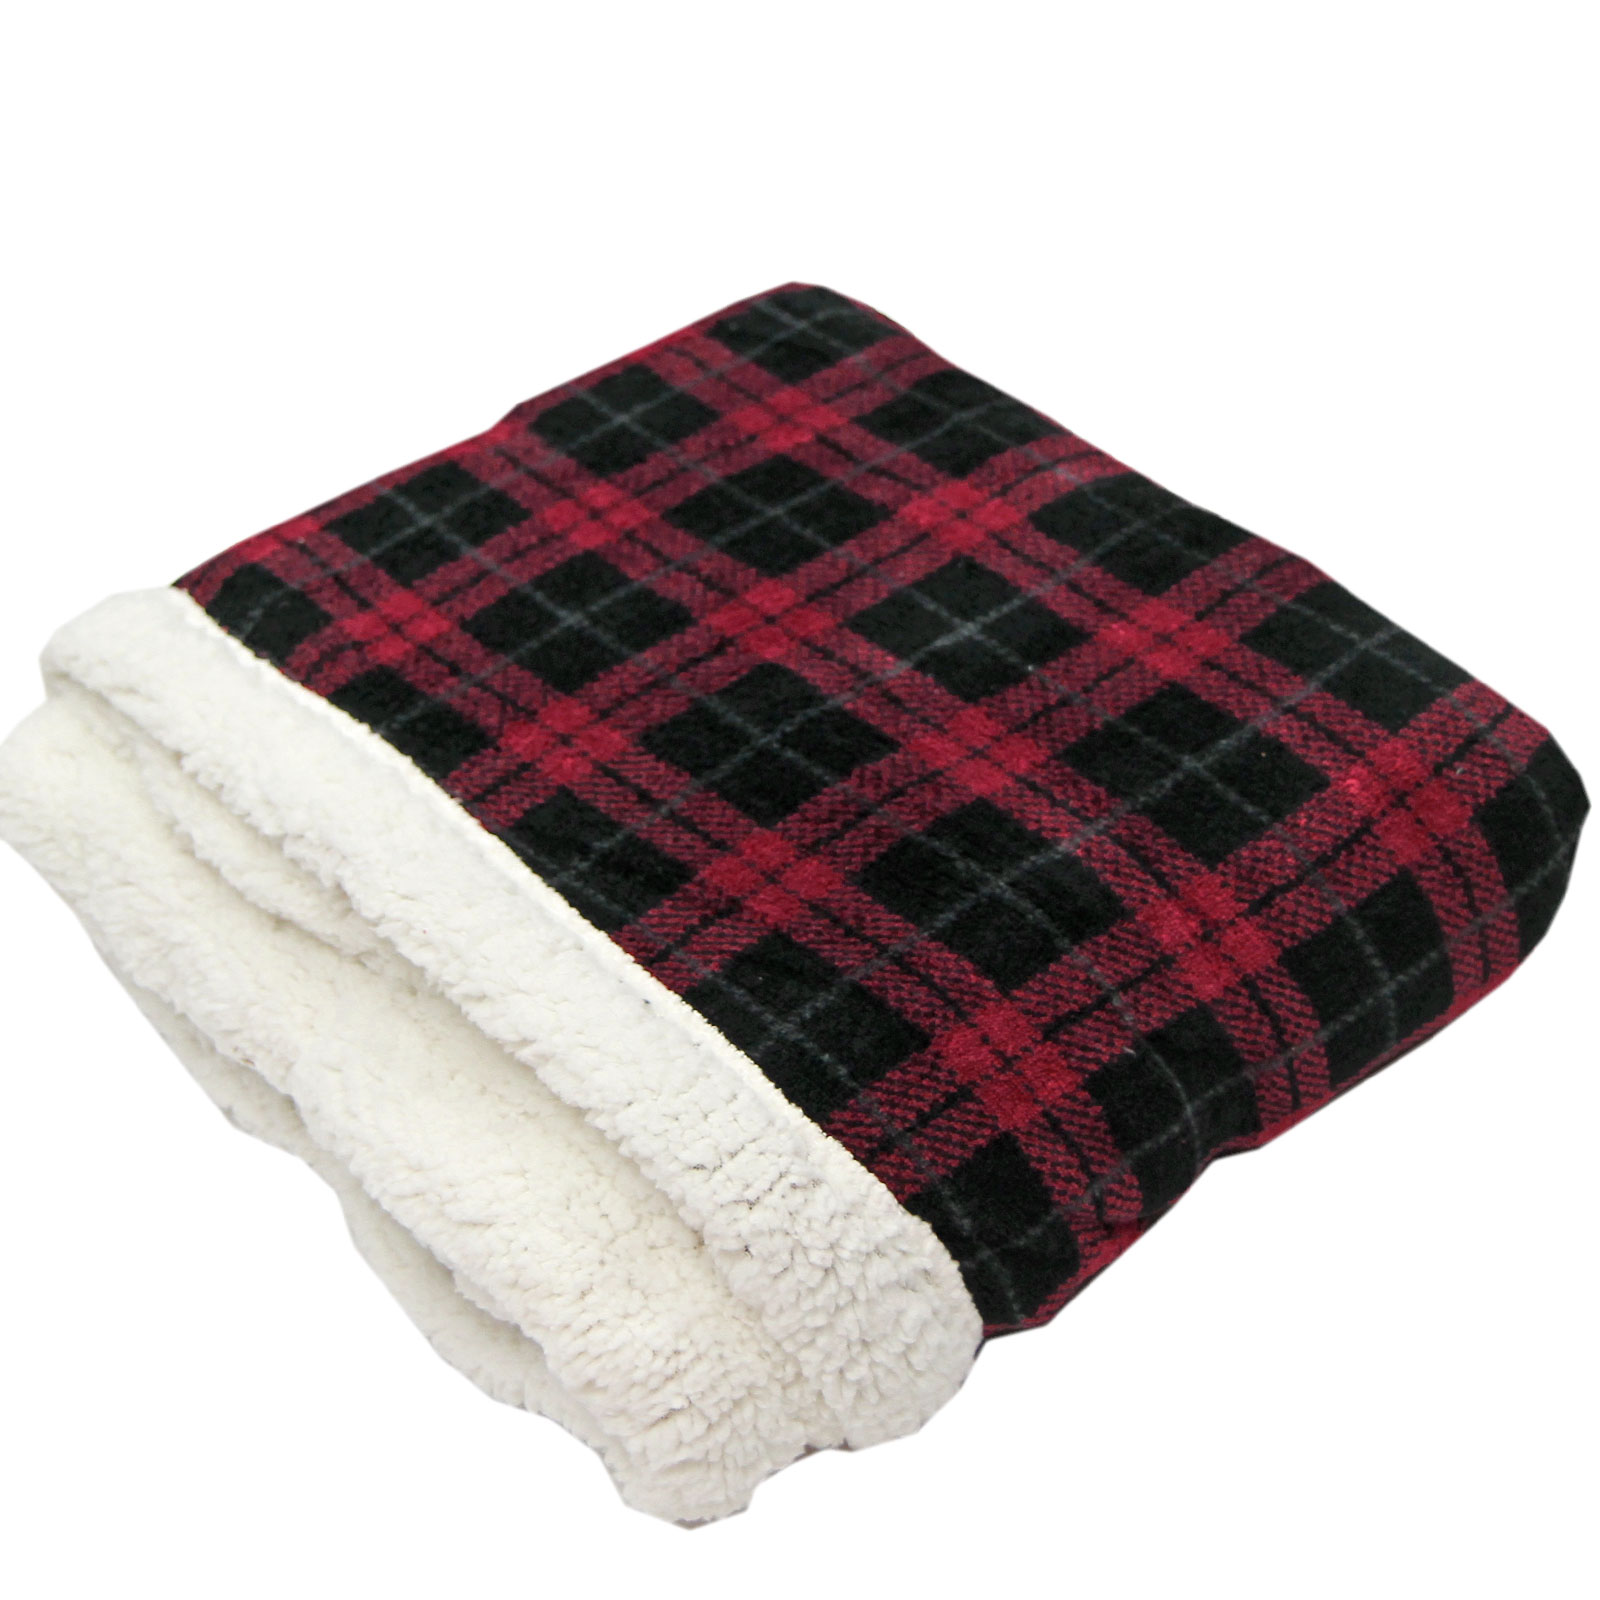 Tartan Check Sofa Bed Fleece Throw